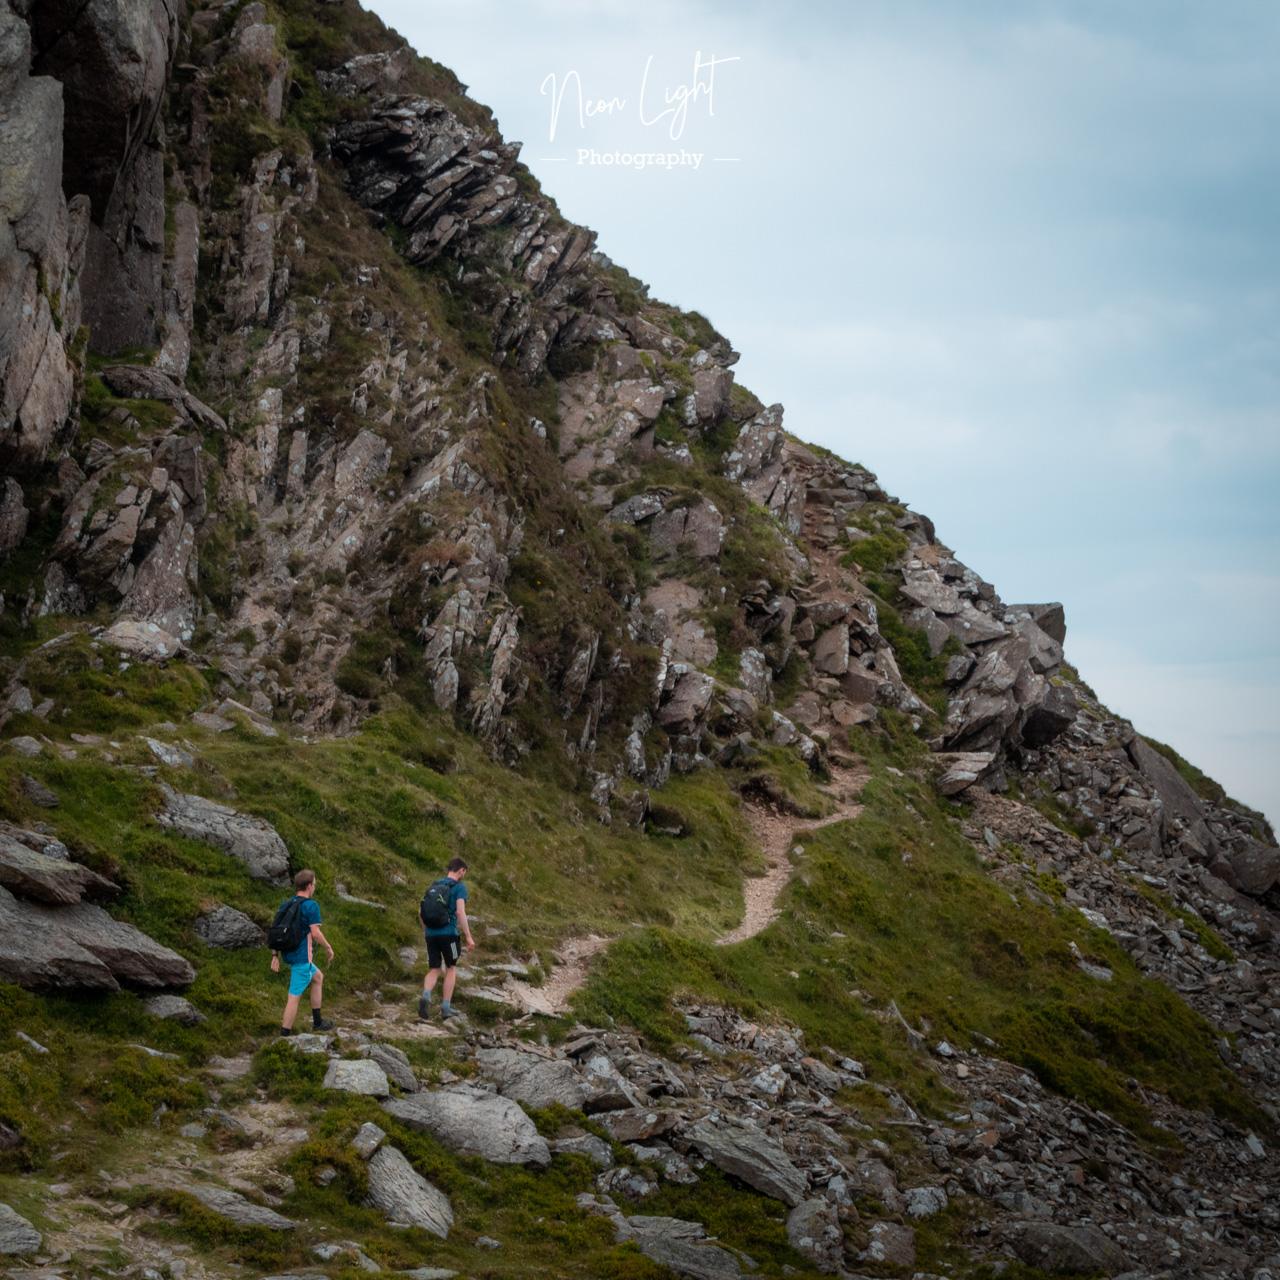 Ascending from the False Peak